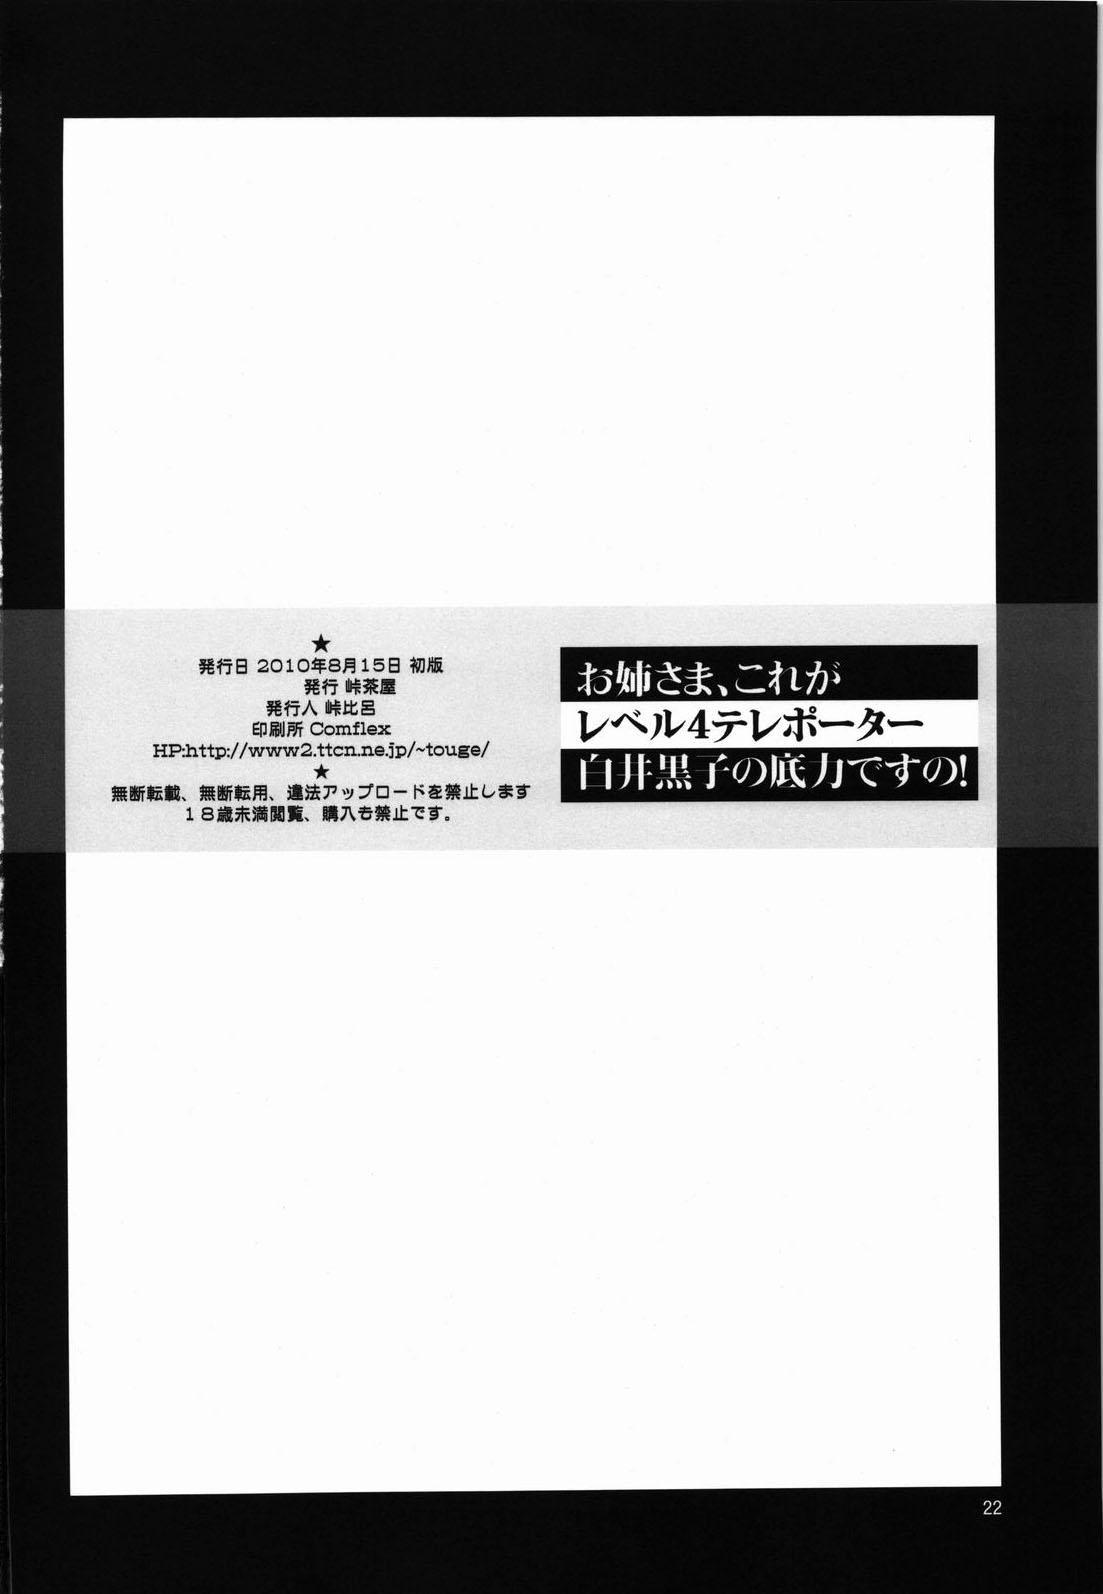 (C78) [Tougechaya (Touge Hiro)] Oneesama, Kore ga Level 4 Teleporter Shirai Kuroko no Sokojikara desuno!- Onee-sama, This is the Level 4 Teleporter Shirai Kuroko's Real Strength! (Toaru Kagaku no Railgun) [English] 20